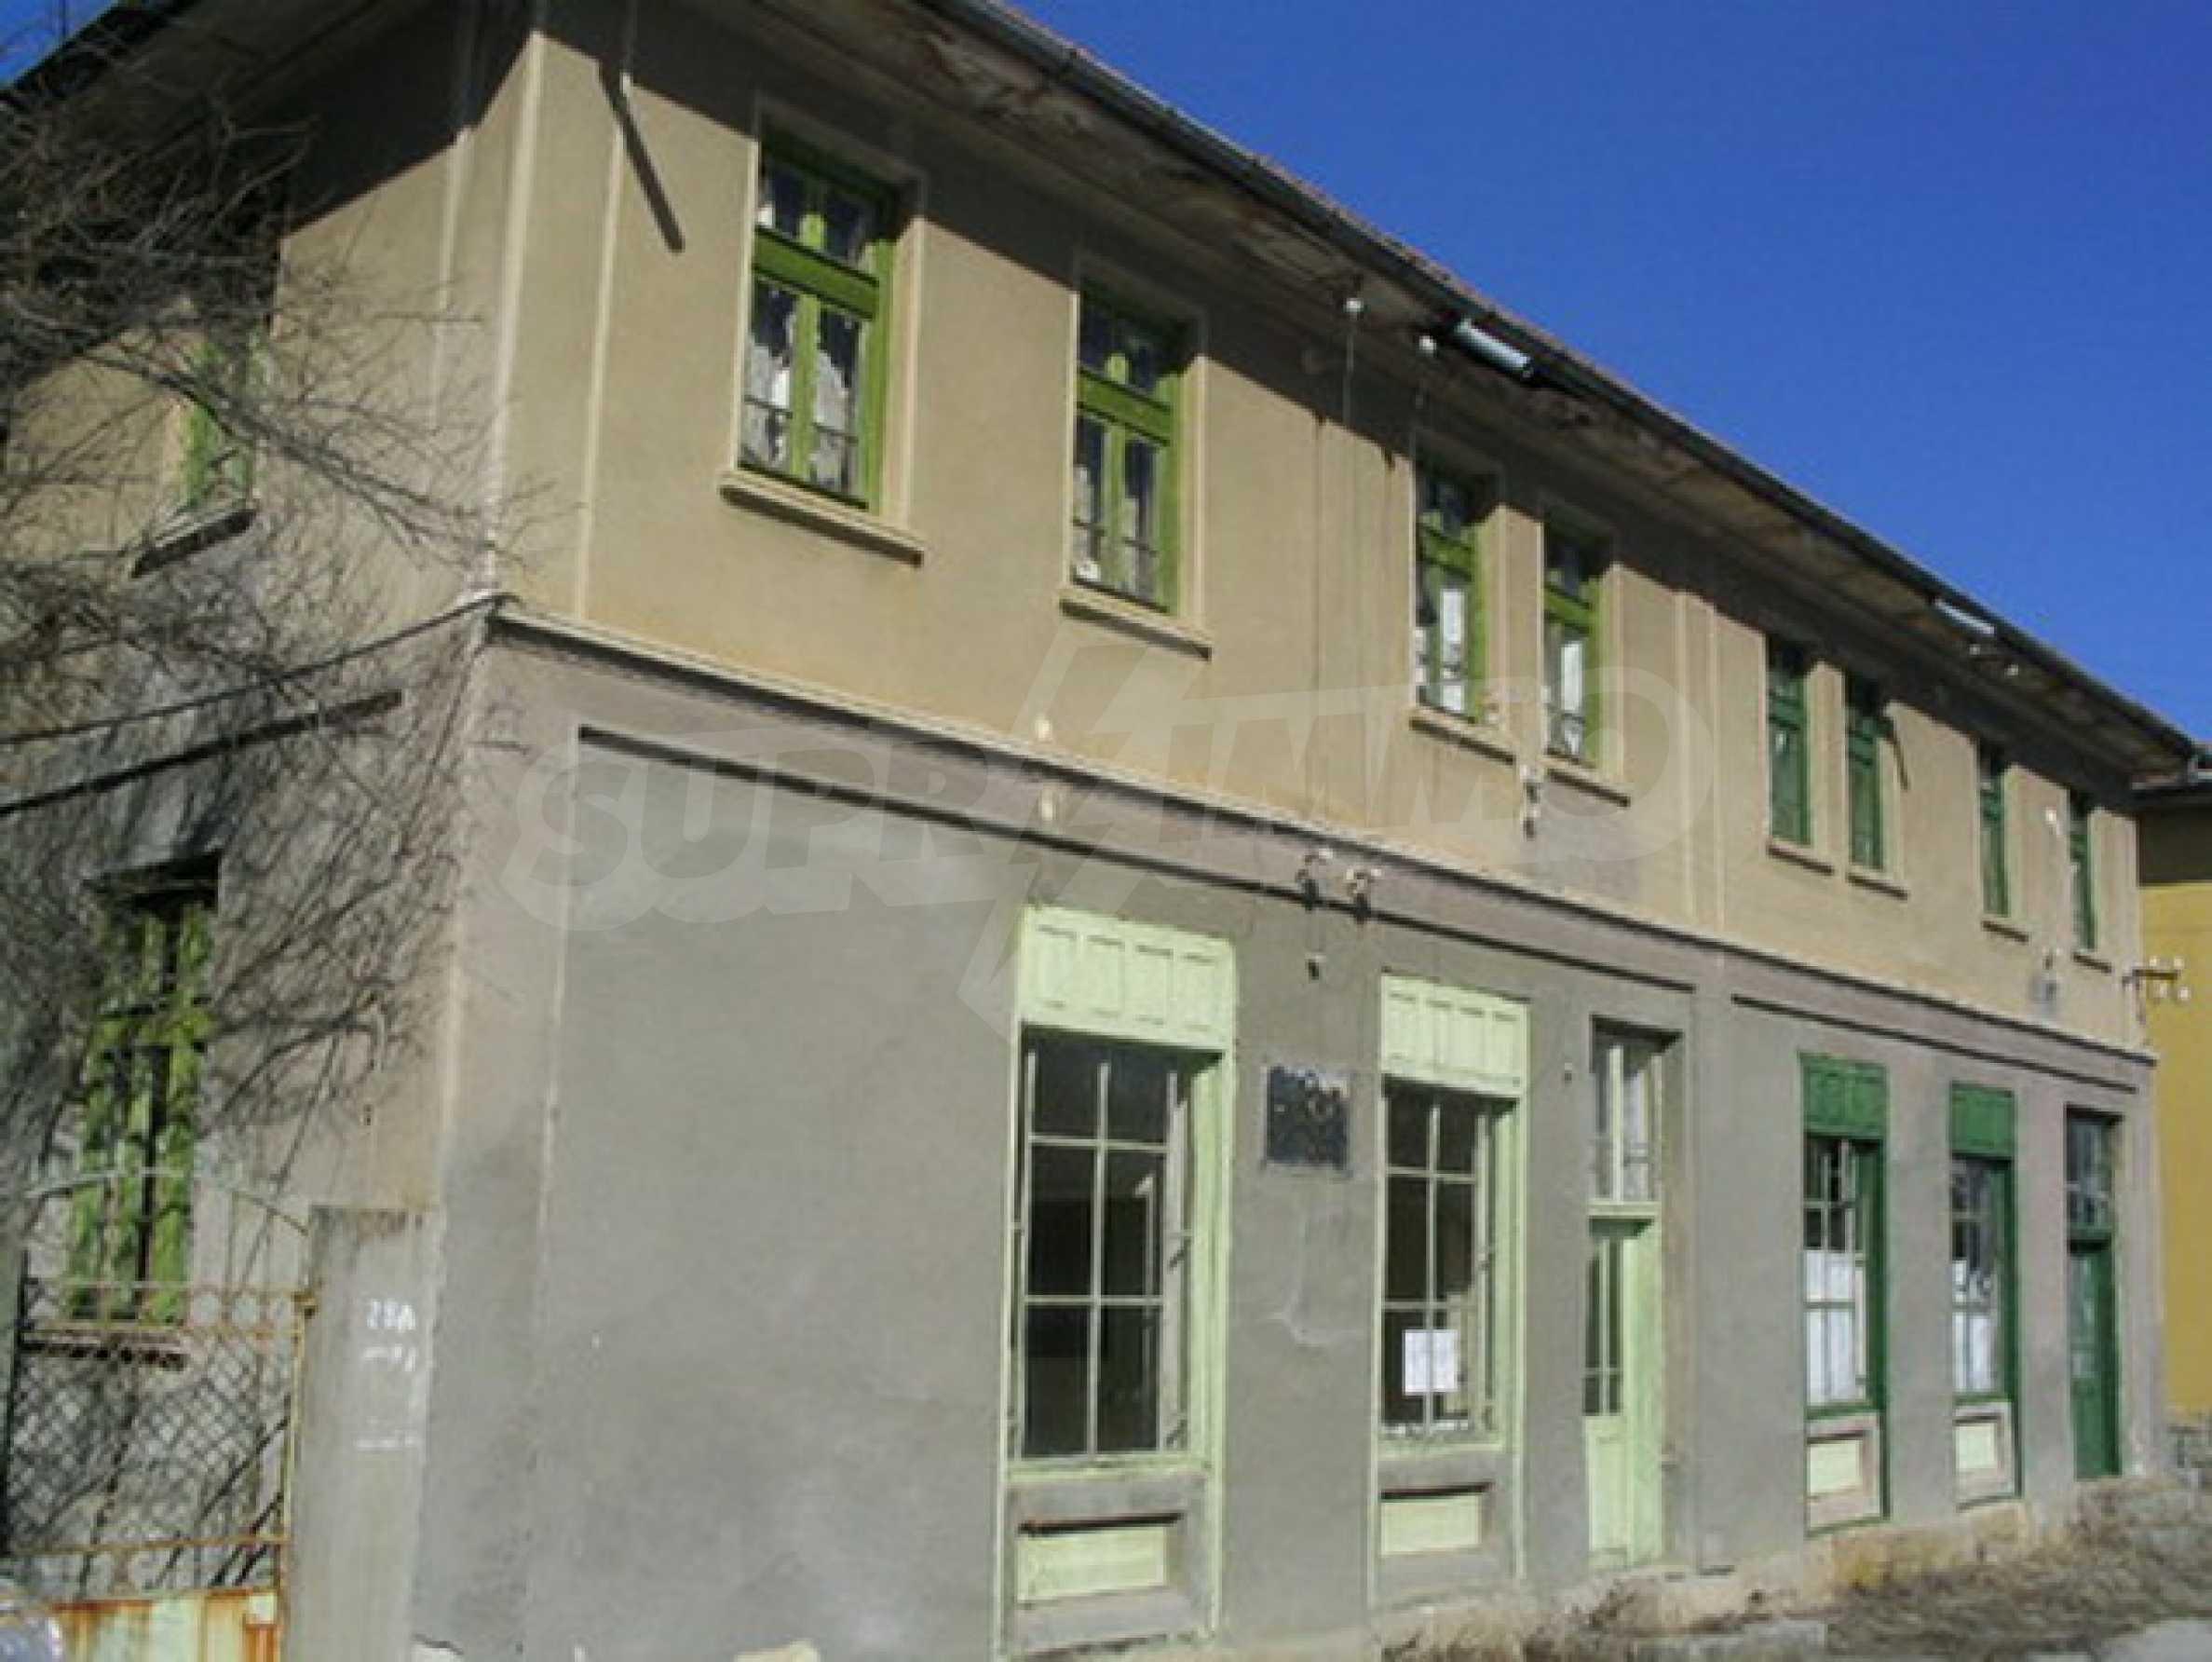 Massives Backsteingebäude in der Nähe der Stadt Elena 1